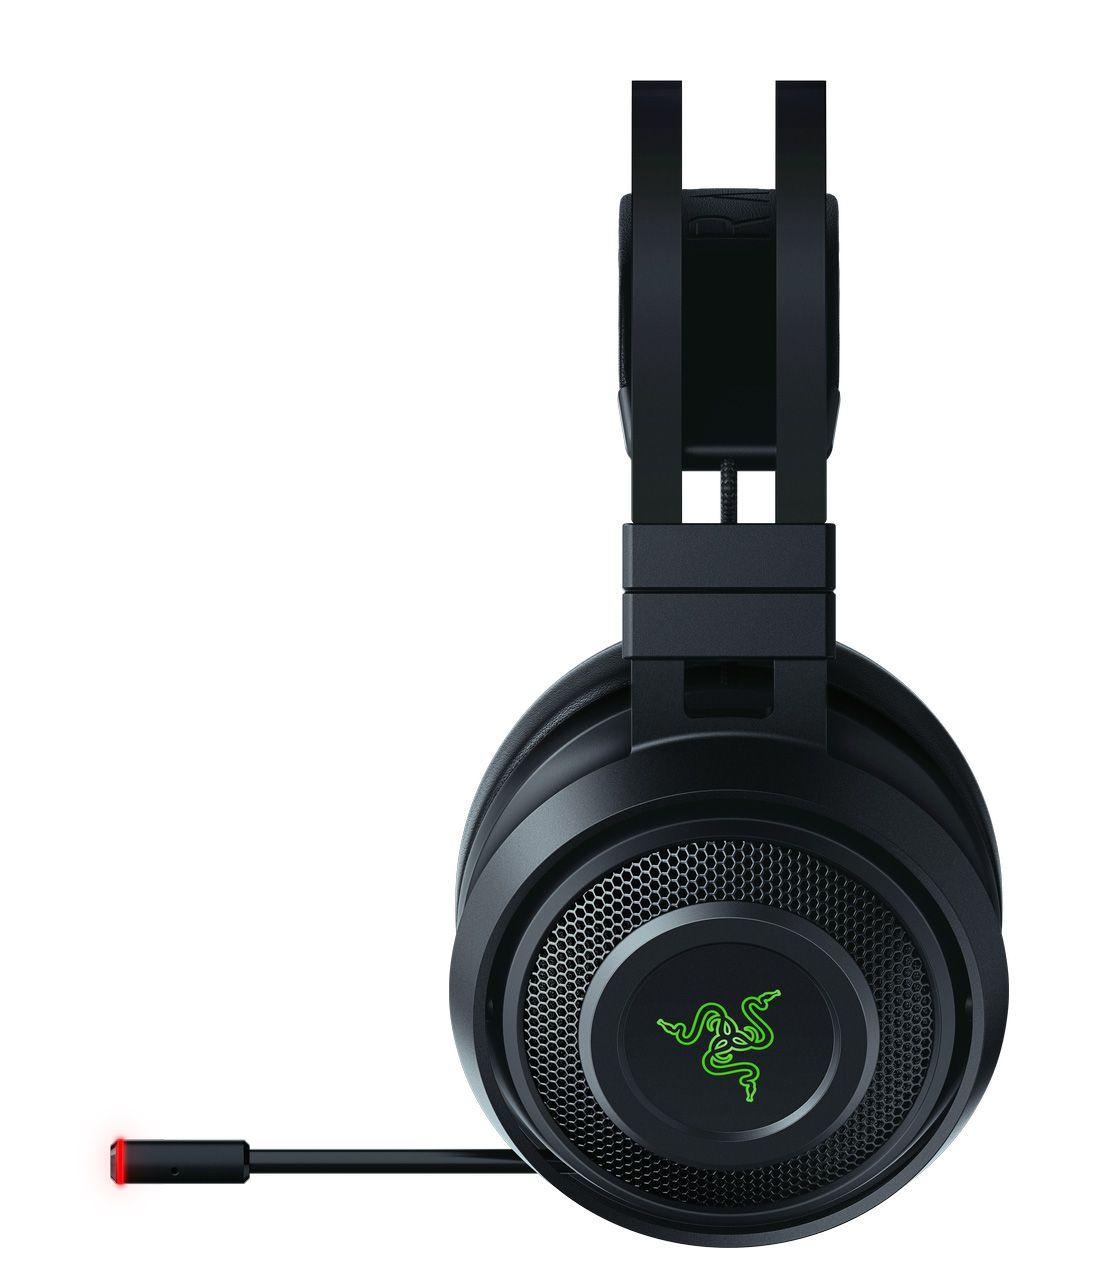 Razer Nari - black - 4